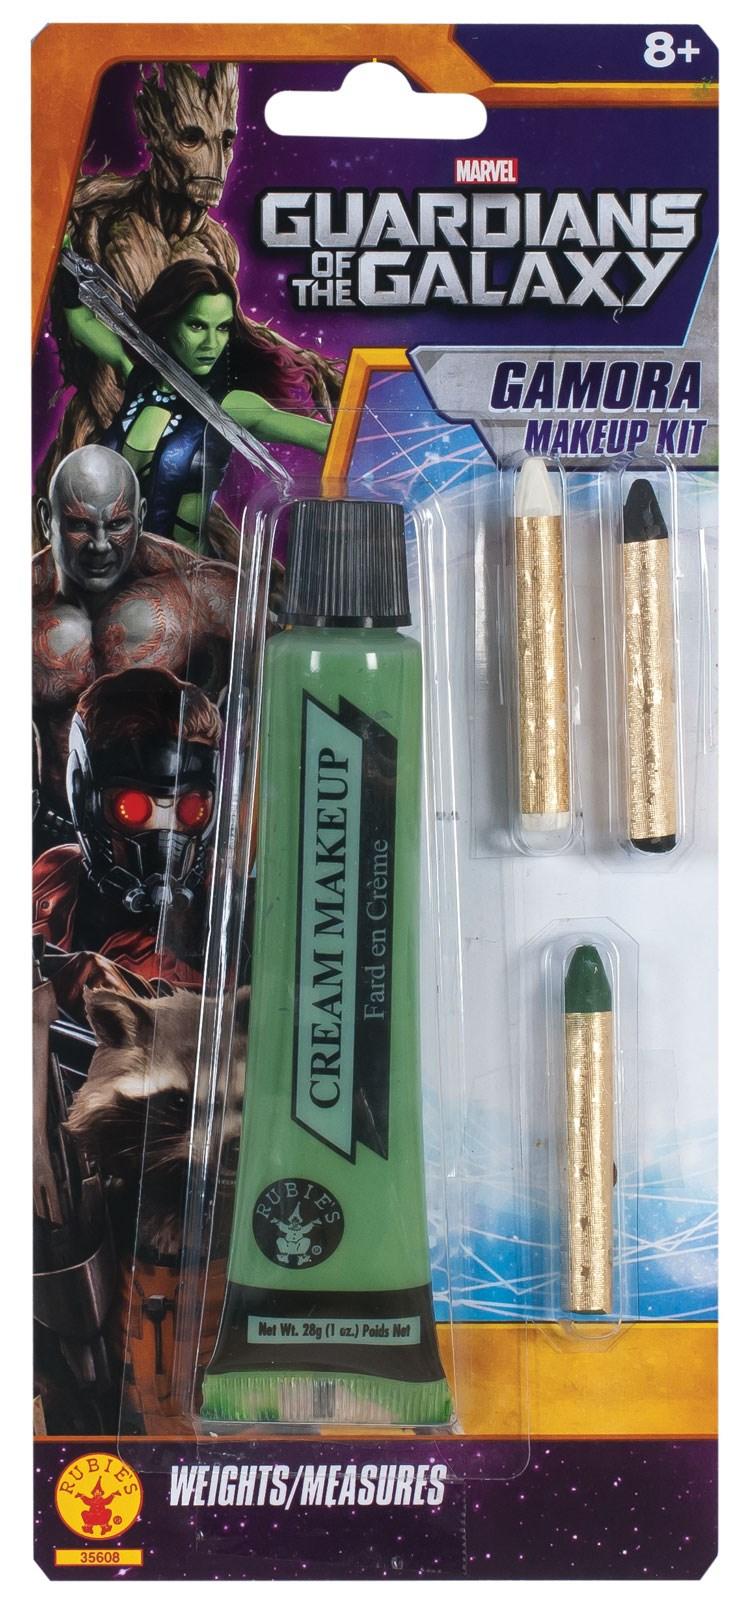 Adult Gamora Make up Kit